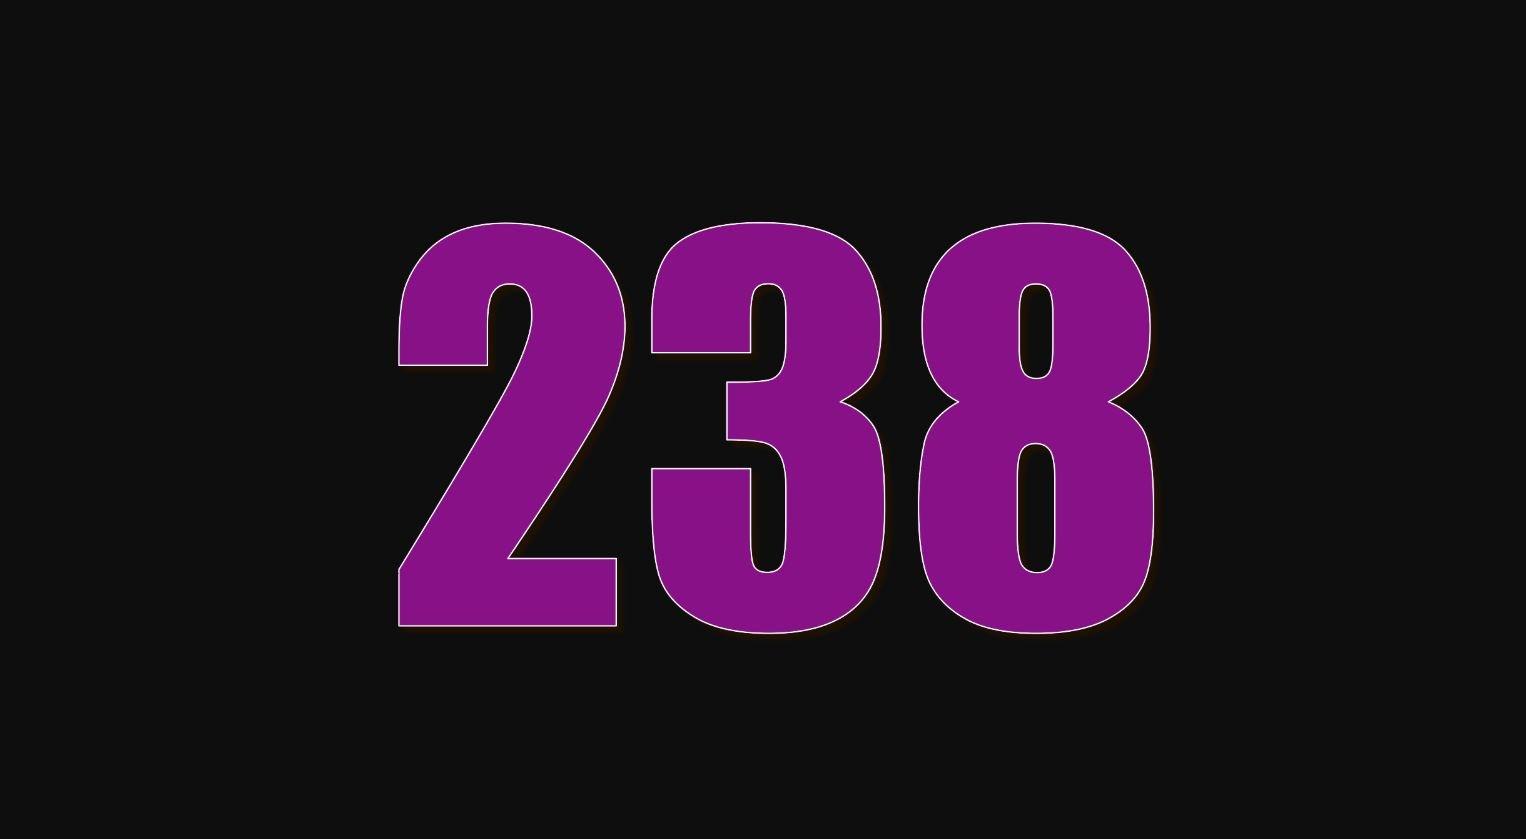 Die Bedeutung der Zahl 238